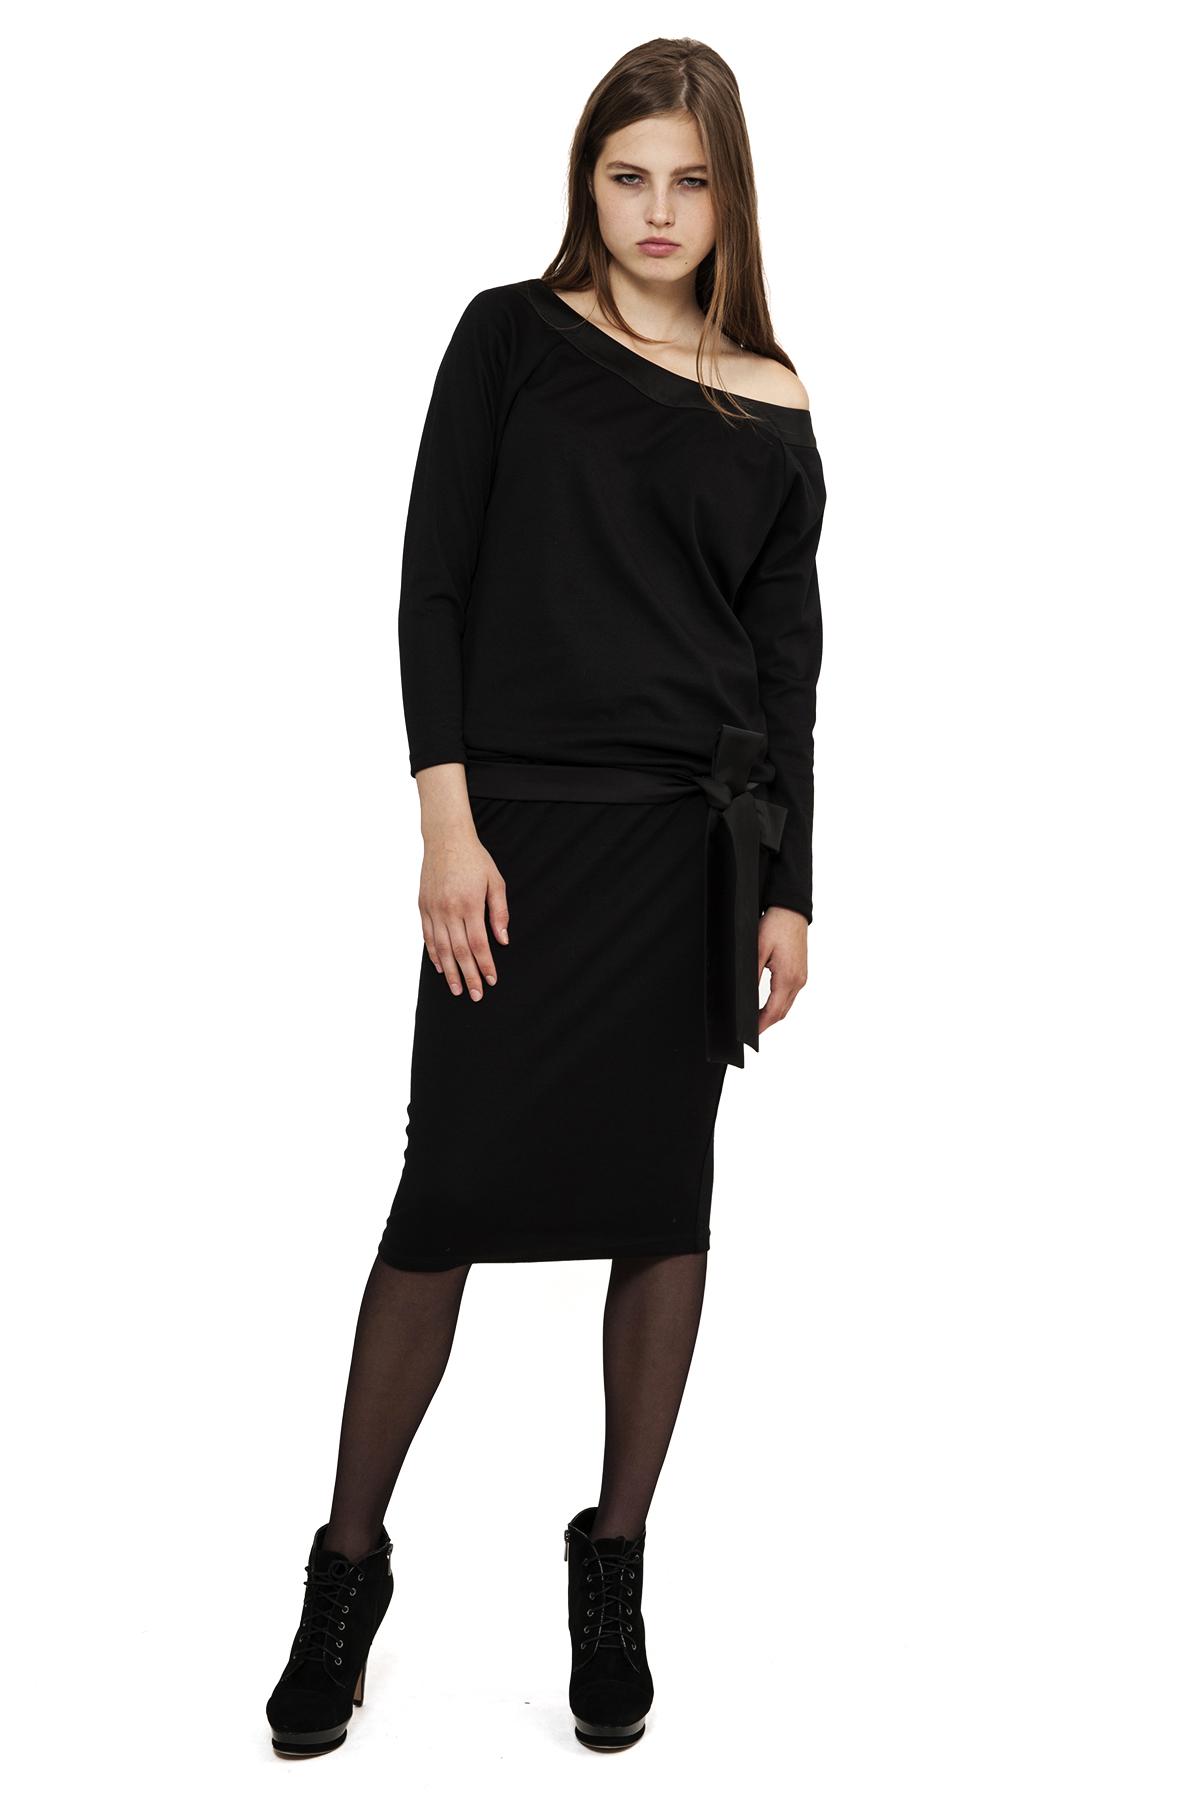 ПлатьеПлатья,  сарафаны<br>Изысканное трикотажное платье преобразит любую девушку, придав ее образу неповторимую чувственность. Добавьте в свой гардероб нотку настоящего изысканного шика вместе с этим ярким стильным очаровательным платьем!<br><br>Цвет: черный<br>Состав: 60% вискоза, 35% полиэстер, 5% лайкра<br>Размер: 40,42,44,46,50,52,54<br>Страна дизайна: Россия<br>Страна производства: Россия